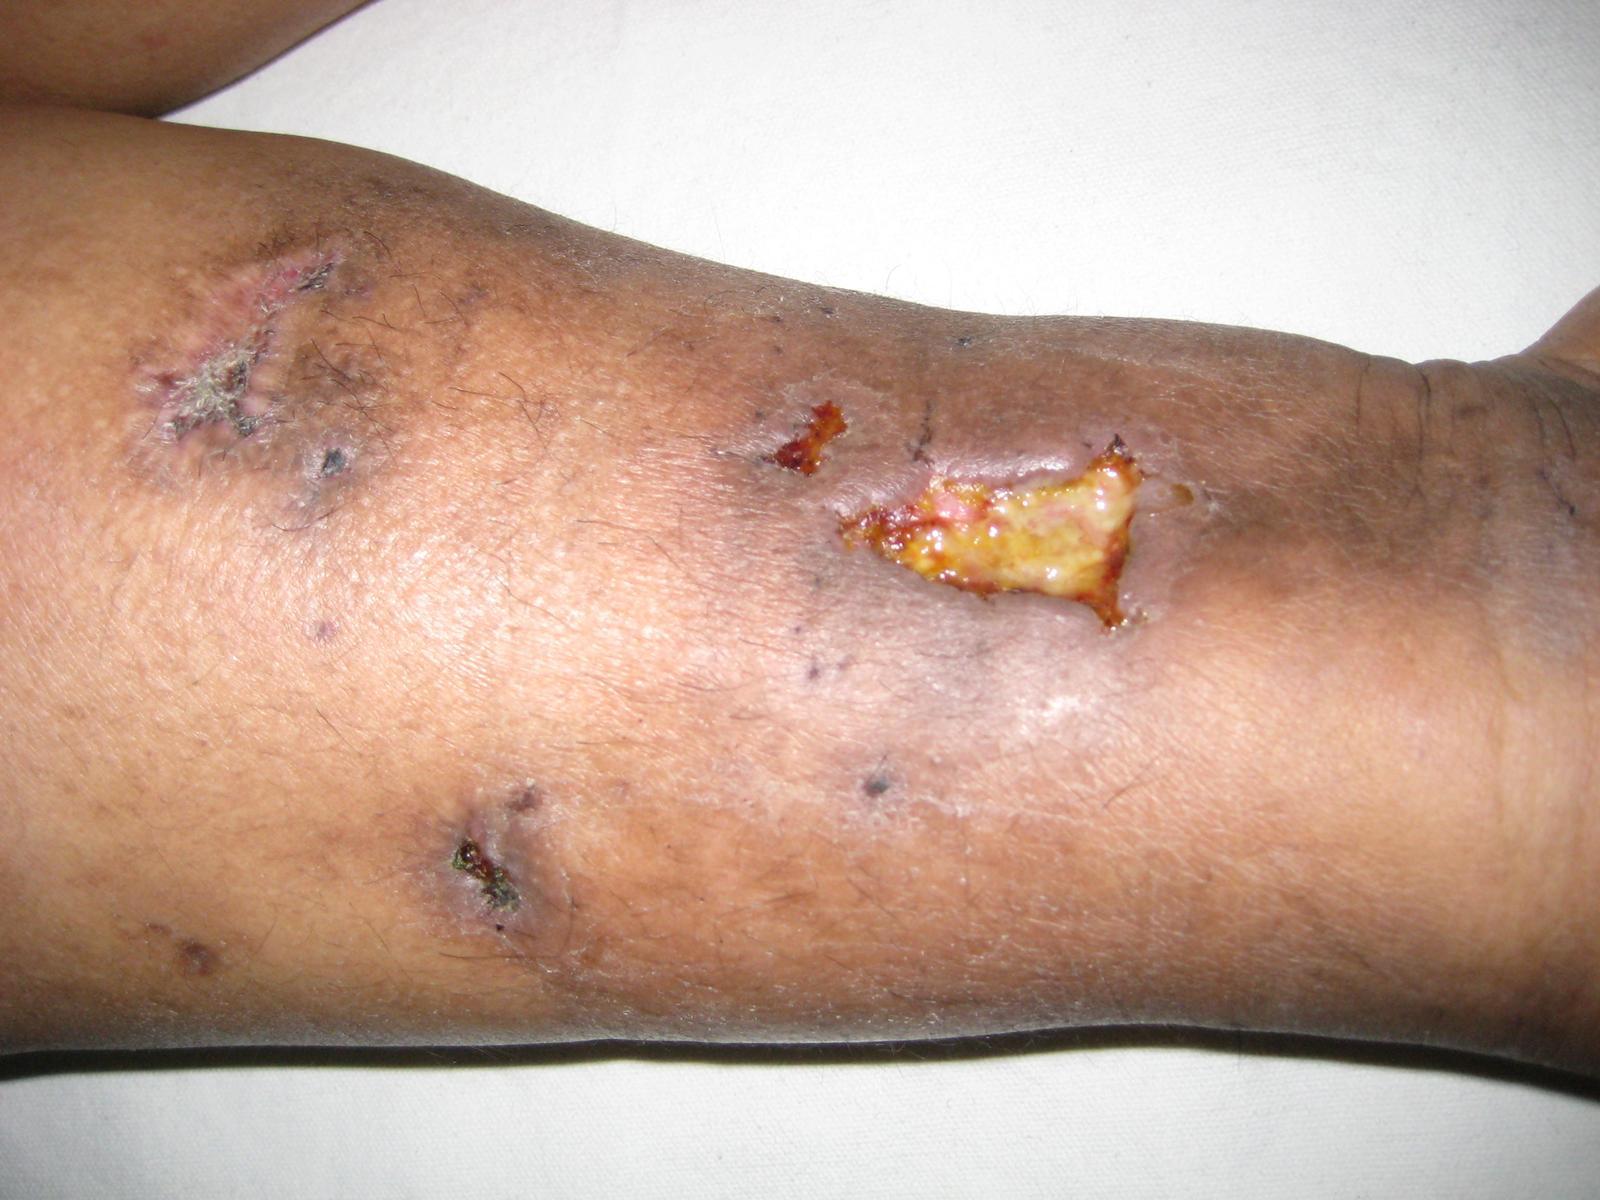 La trombosis del vaso del pie